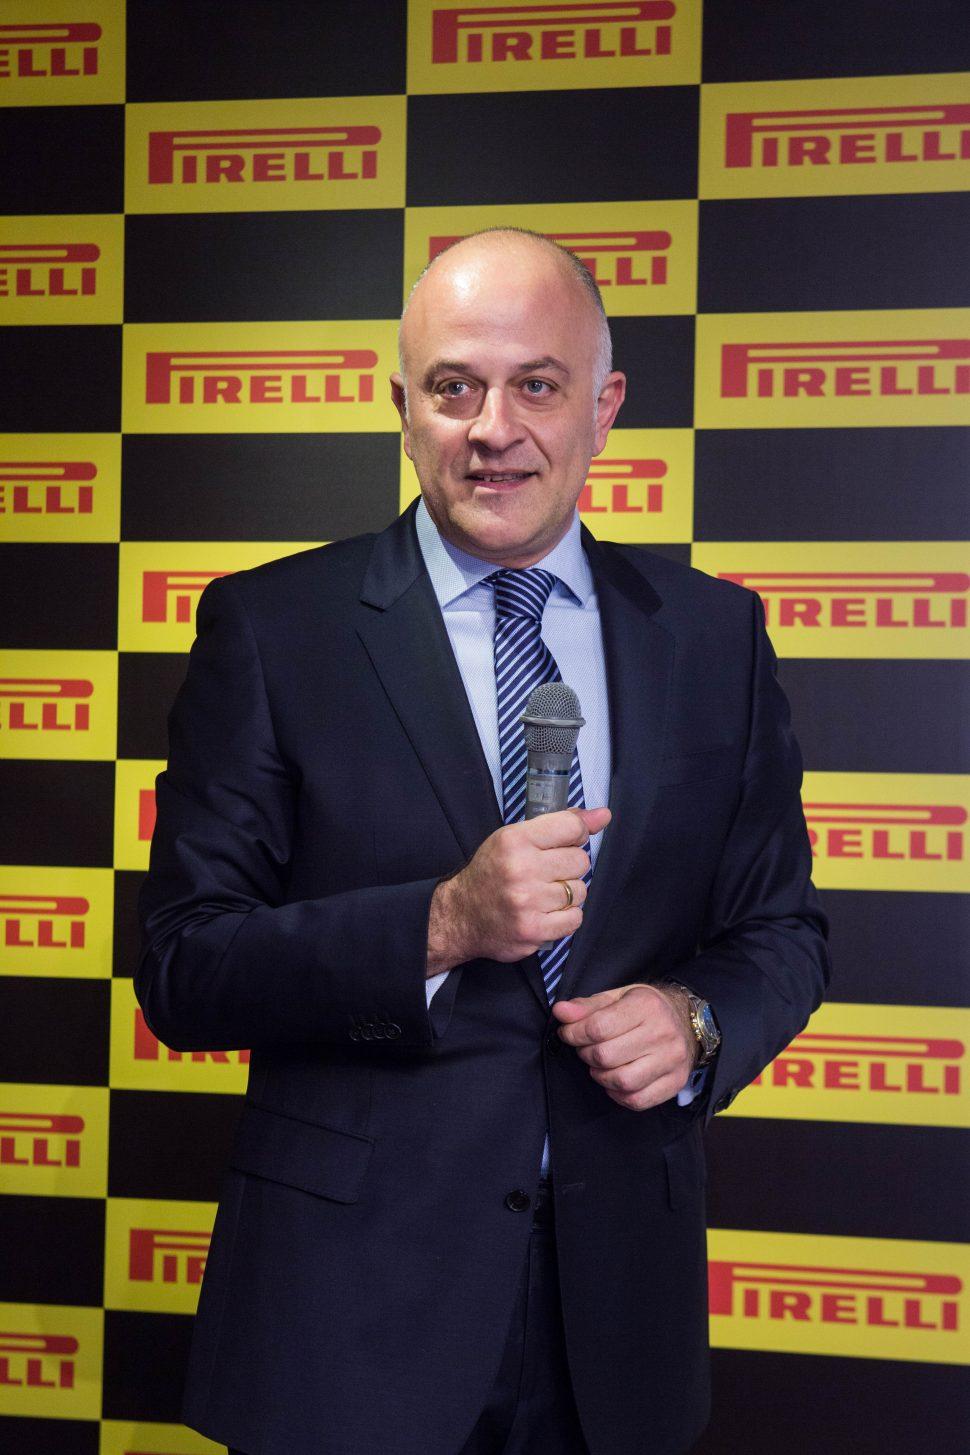 ピレリジャパン代表取締役社長CEOのディミトリオス・パパダコス氏